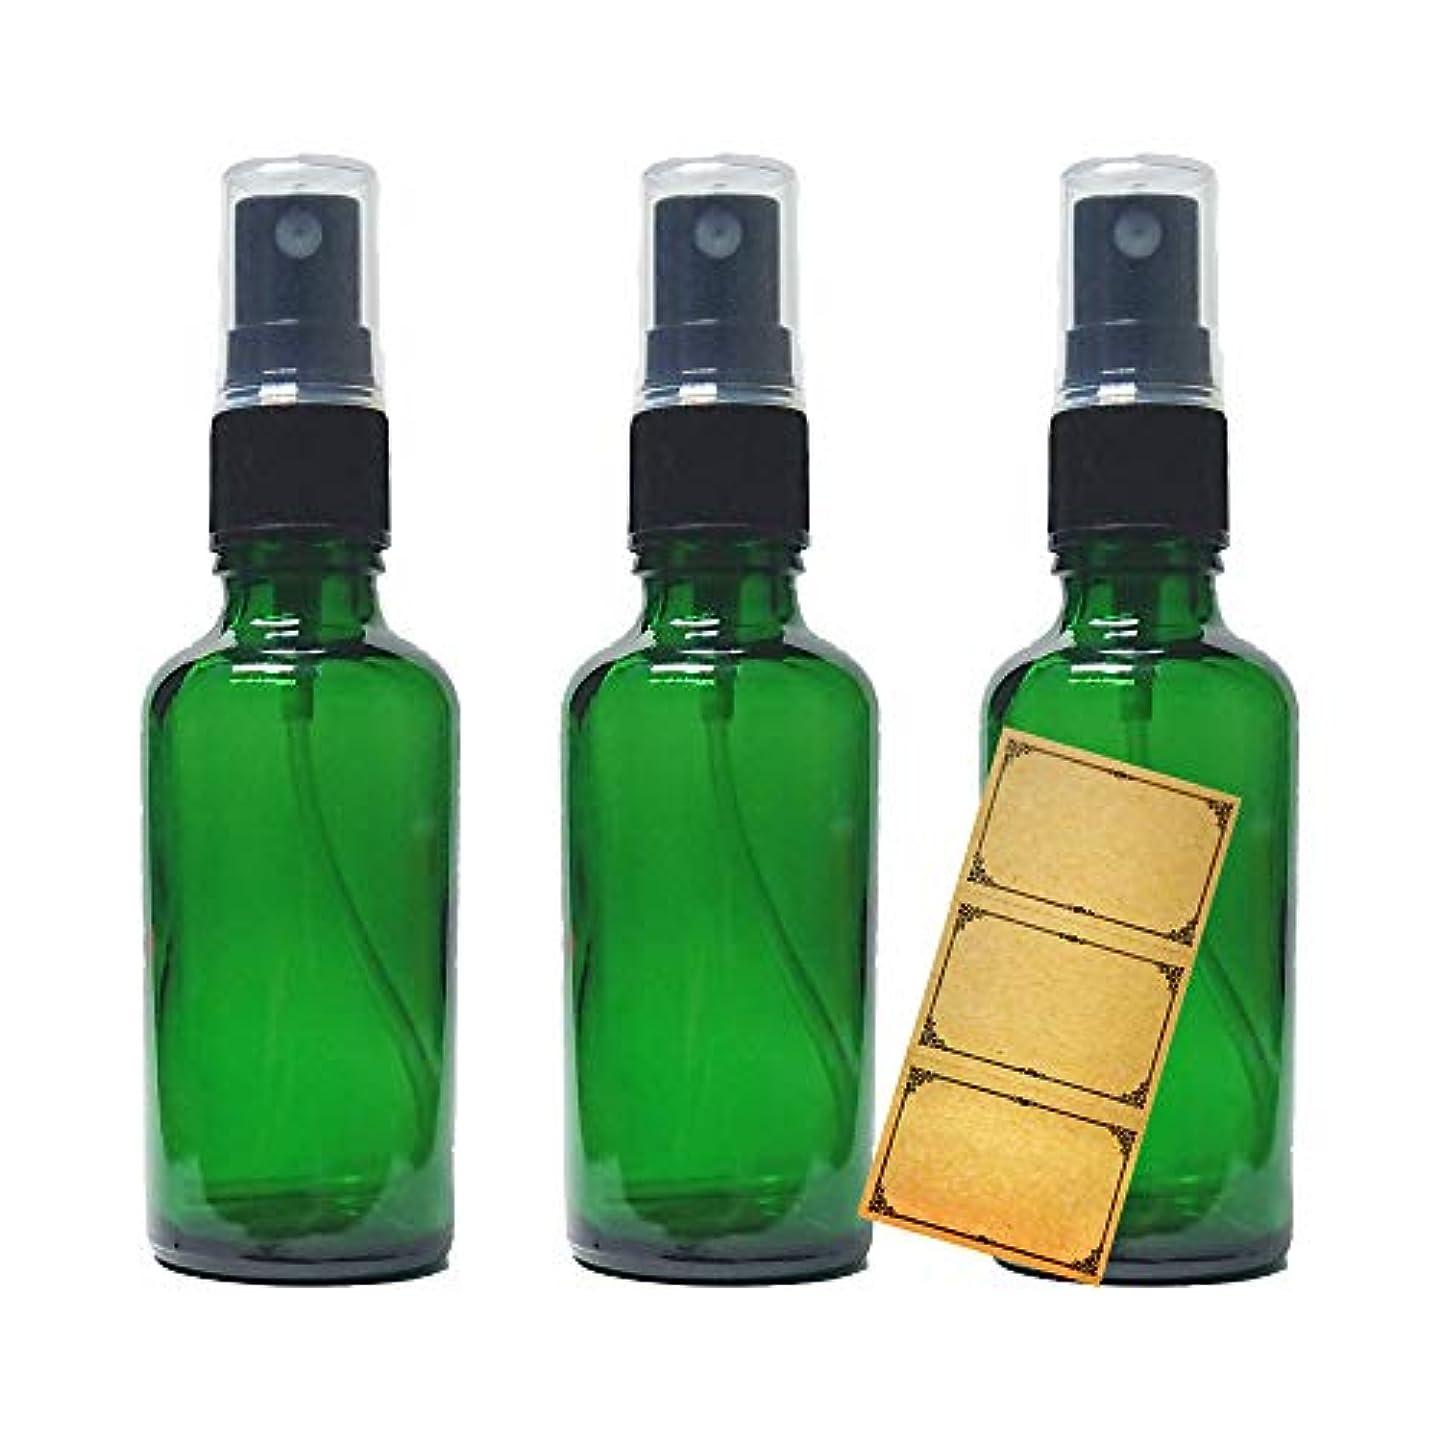 見つけた延期するファイナンススプレーボトル 遮光瓶 50ml 3本 緑色 オリジナルラベルシール付き